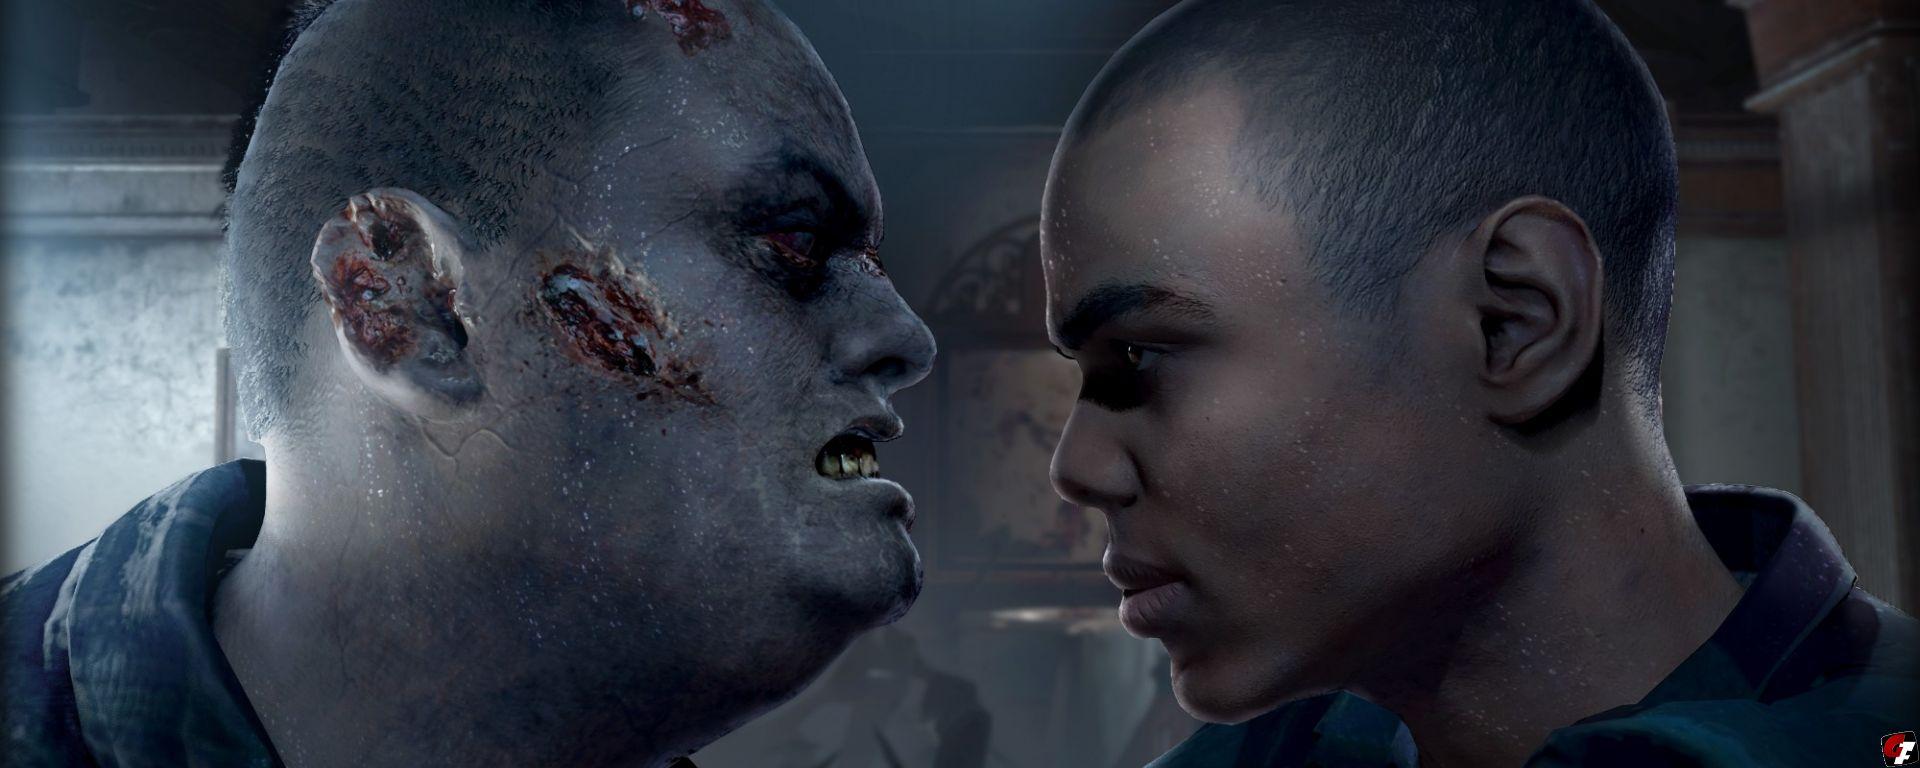 1195025defaa51818136.26499811 RE Resistance Tyrone vs Zombie